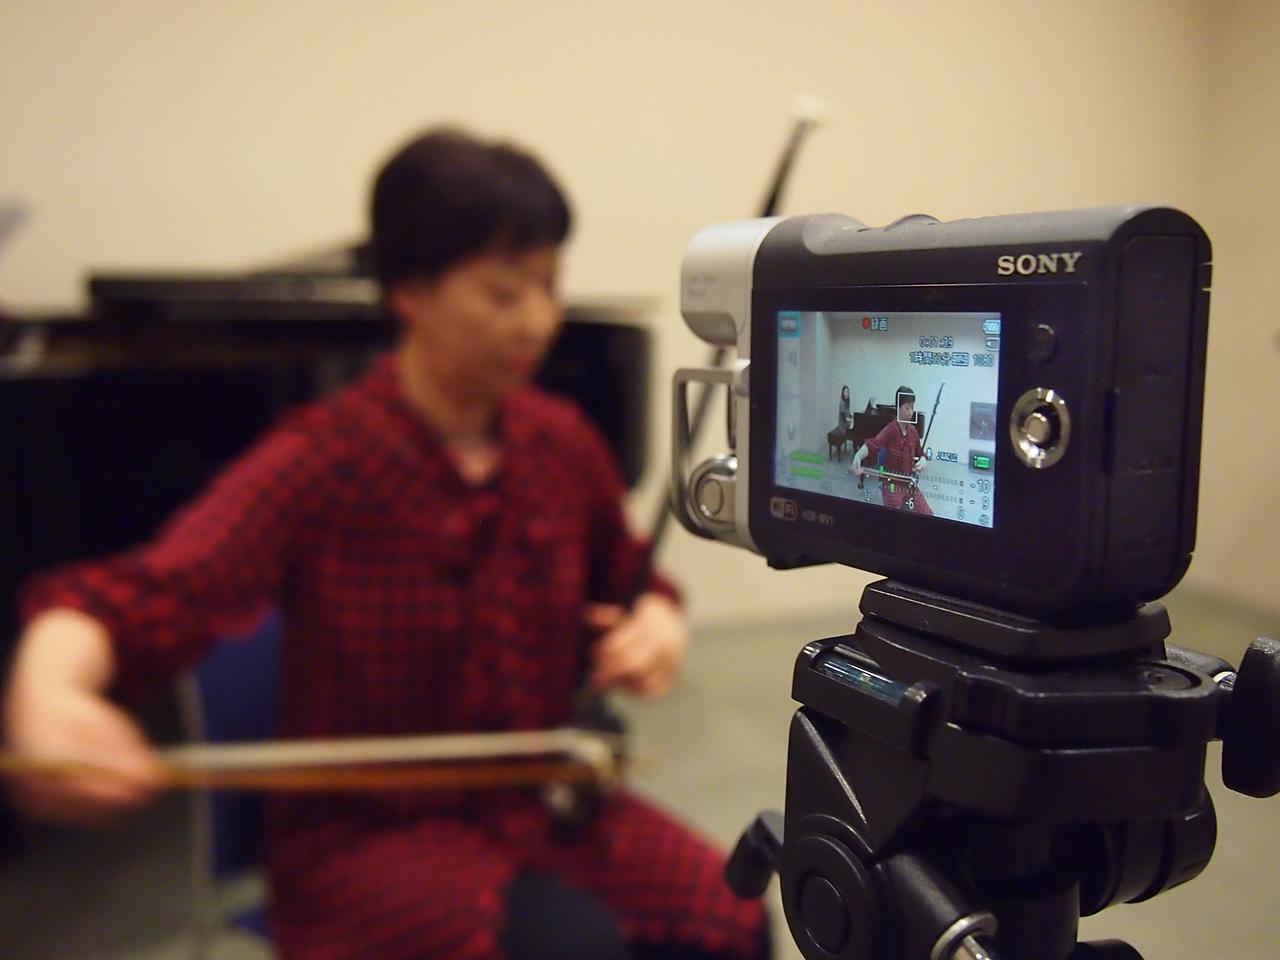 親子アンサンブルでミュージックビデオレコーダーを試してみました